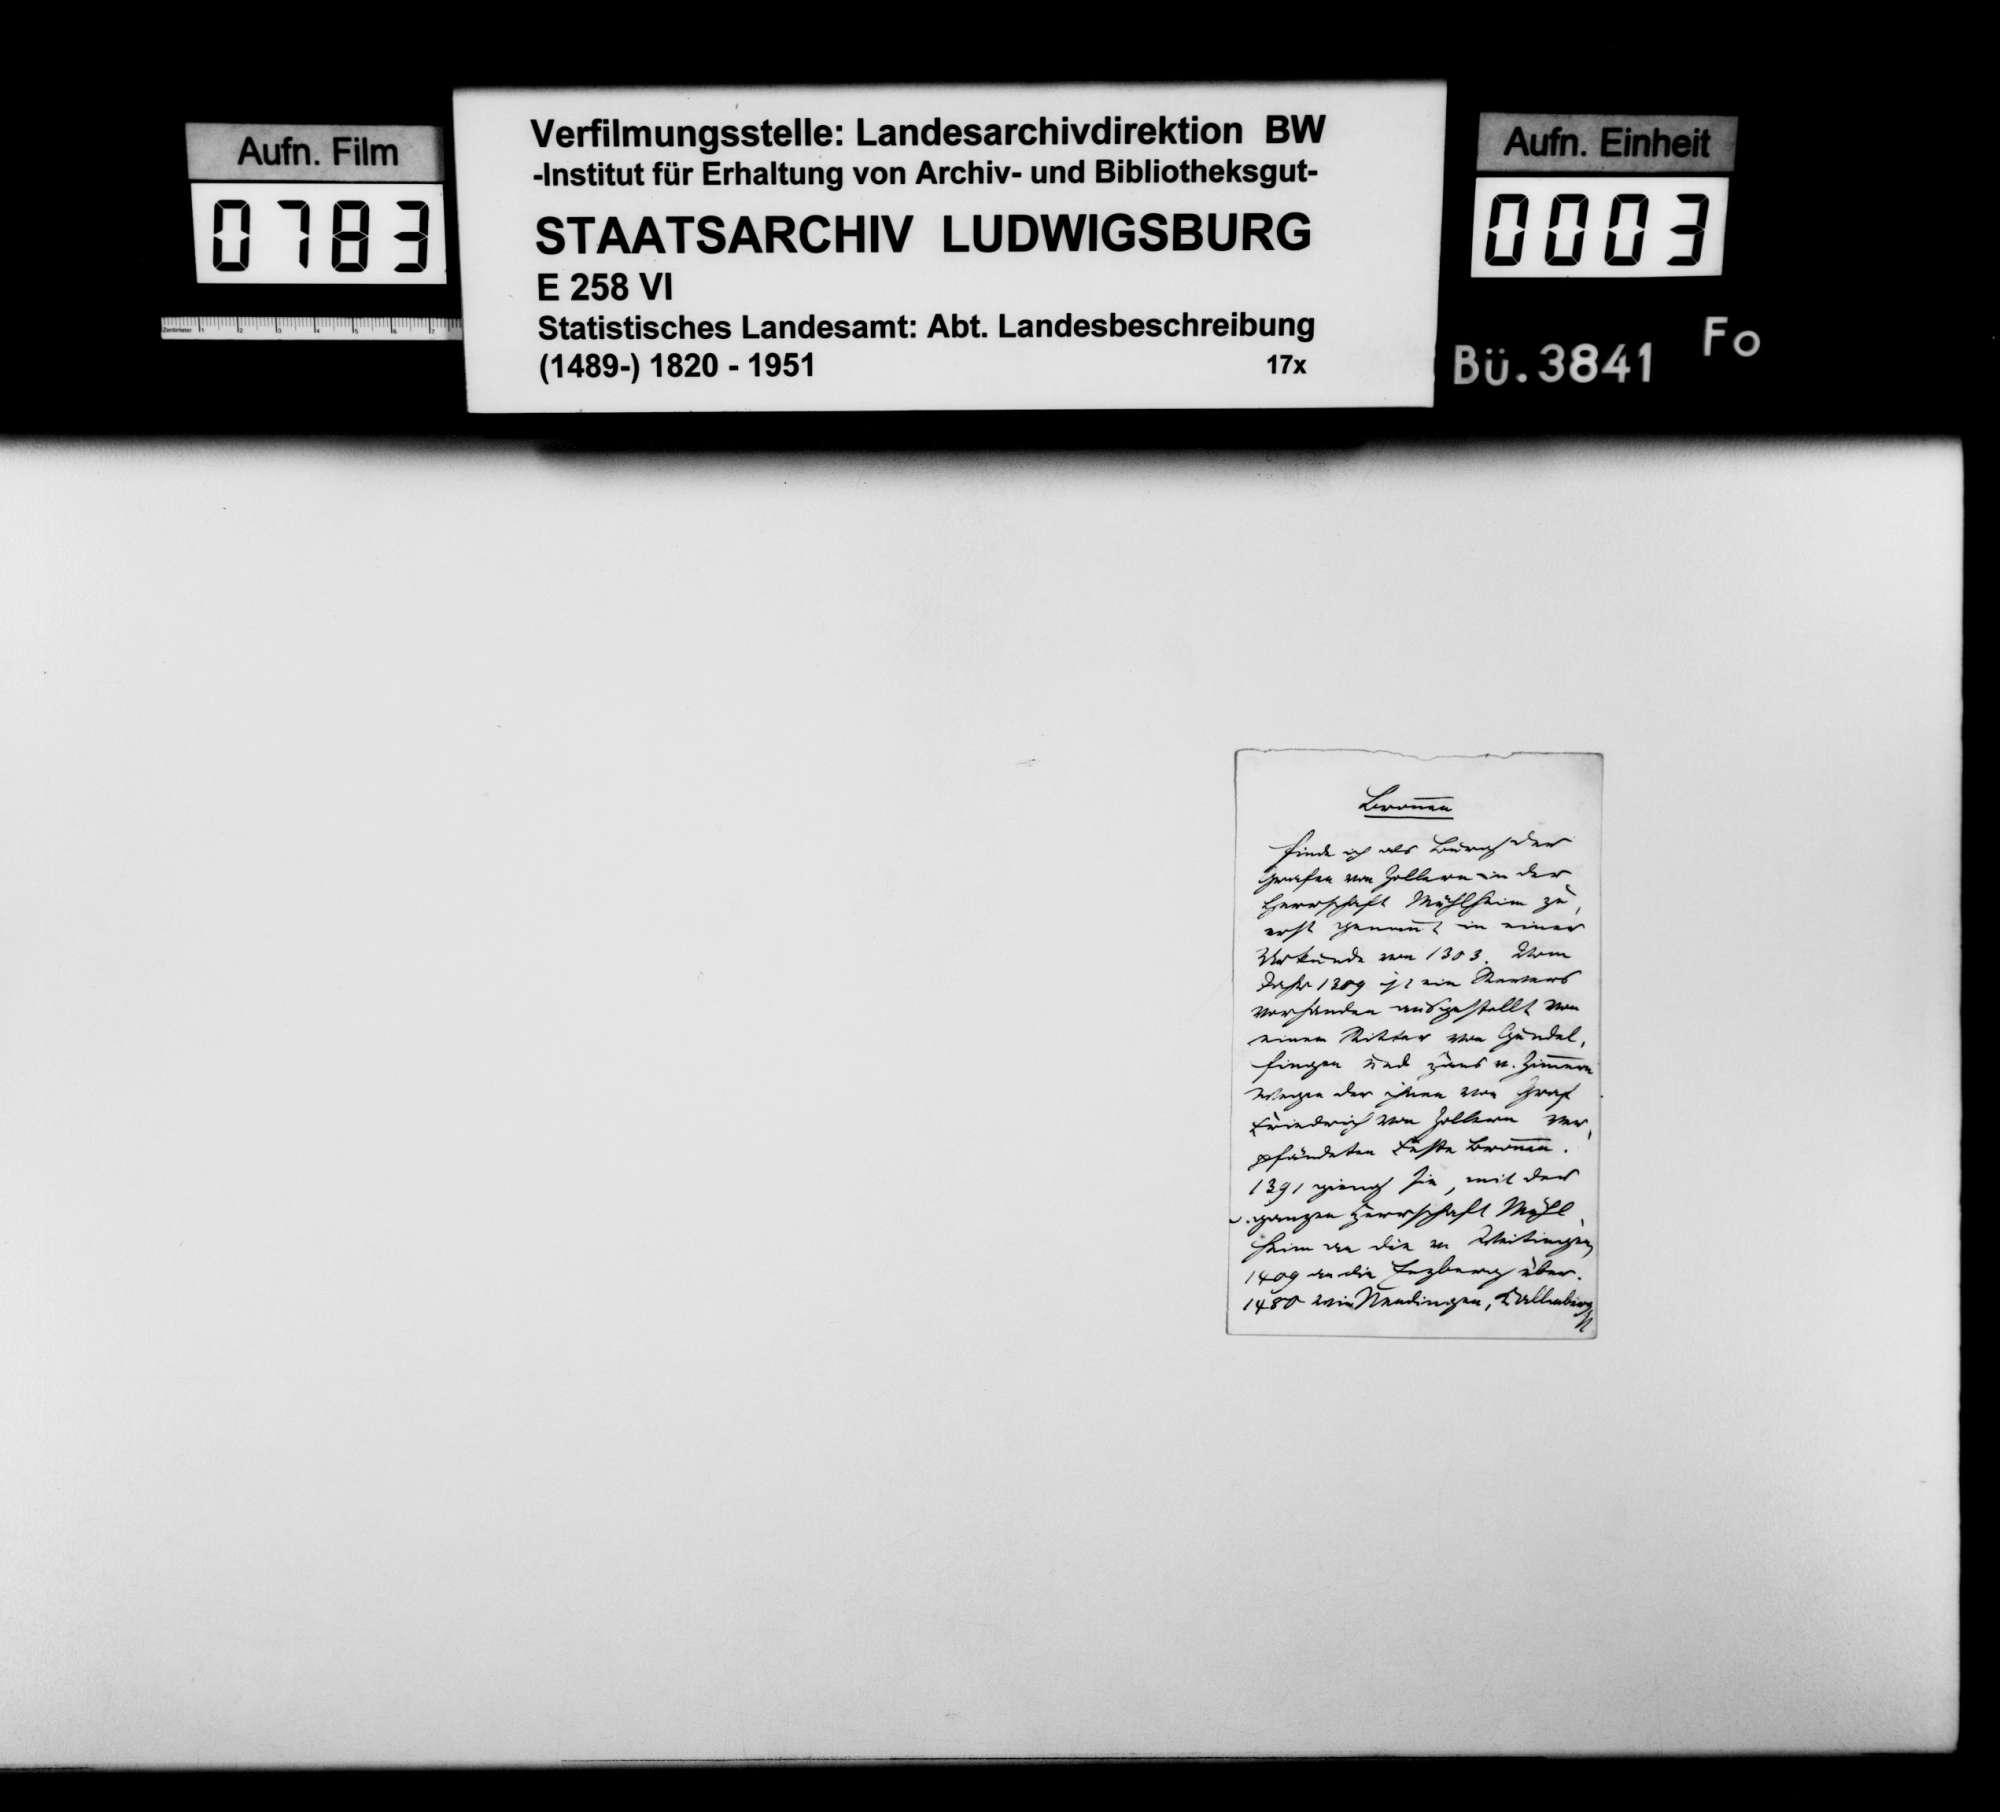 Notizen und Regesten zu Bronnen, Rietheim, Mühlheim, auch Kallenberg und Werenwag [Ghgt. Baden] sowie Auszüge aus einem Repertorium zu diversen Oberamtsorten, Bild 2